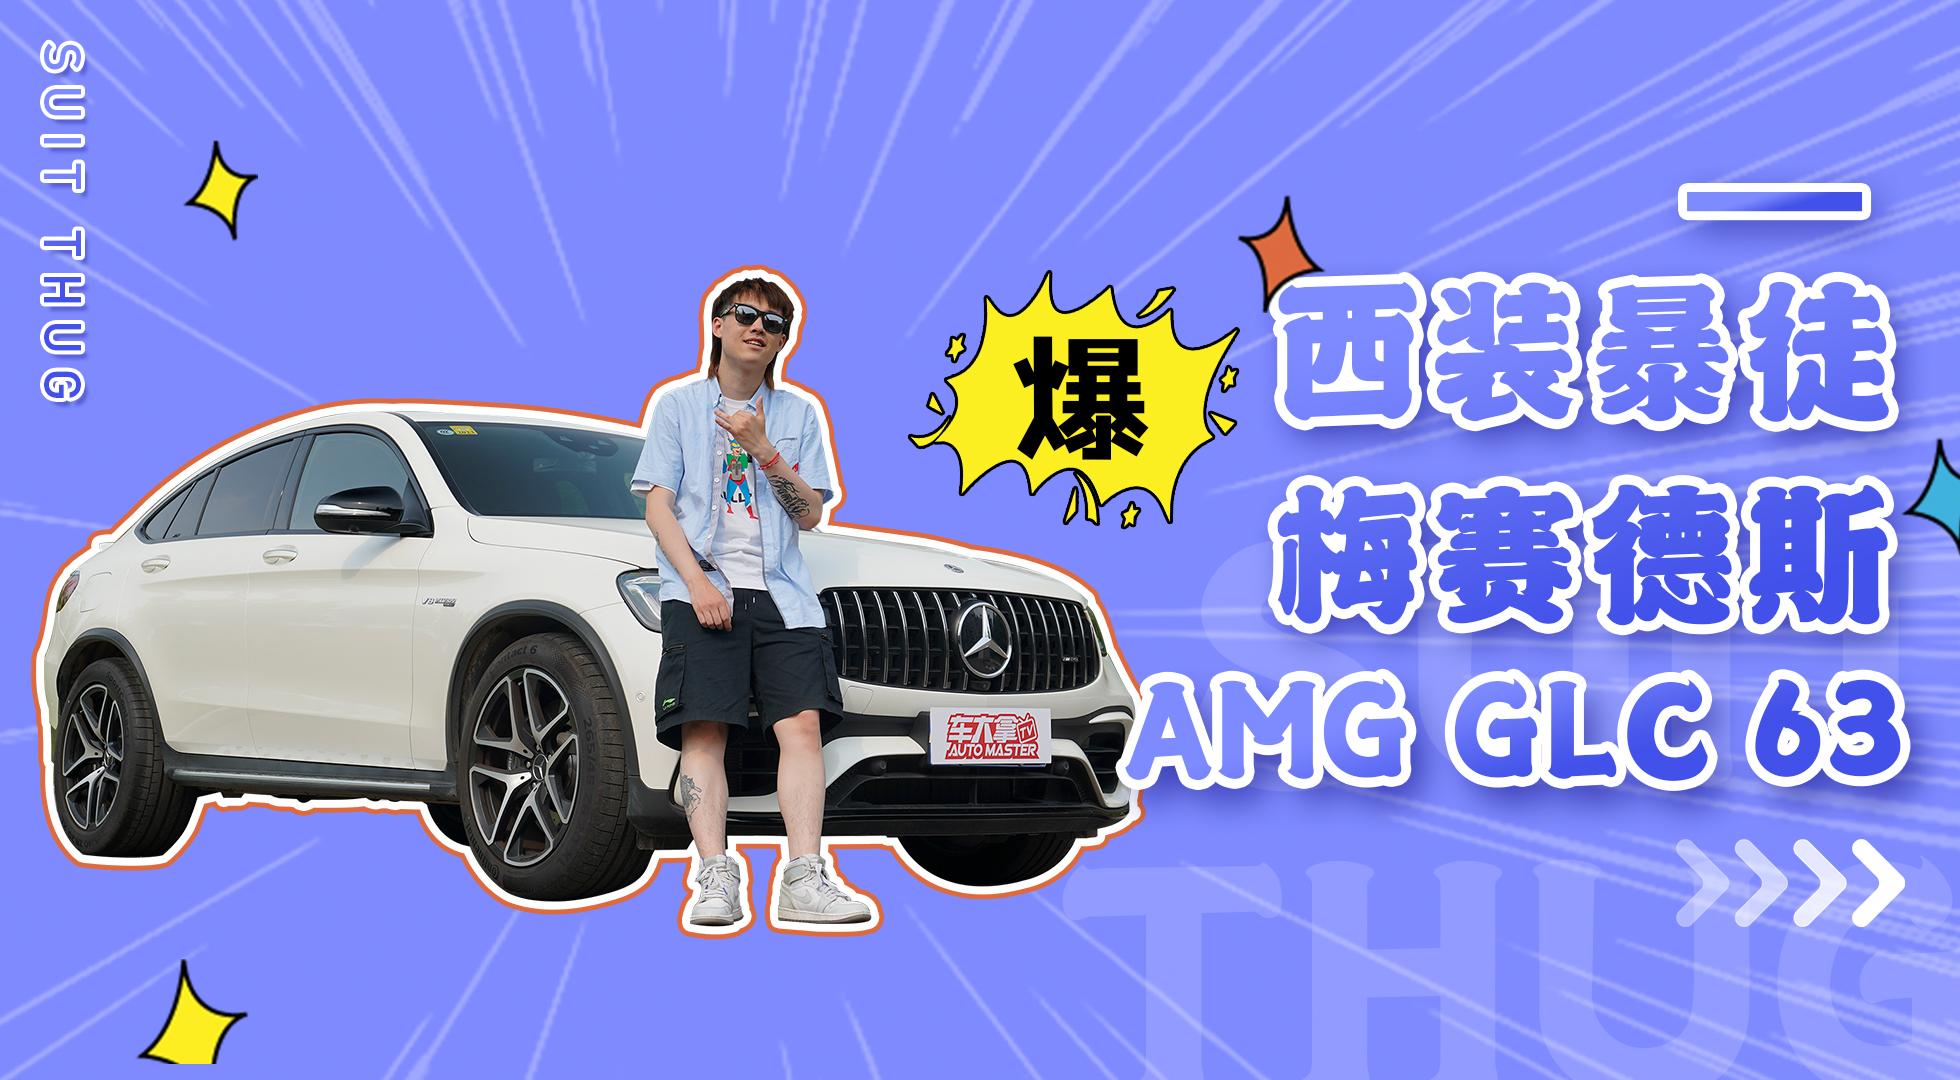 梅赛德斯-AMG GLC63,传奇实力点燃纯粹驾驶激情视频